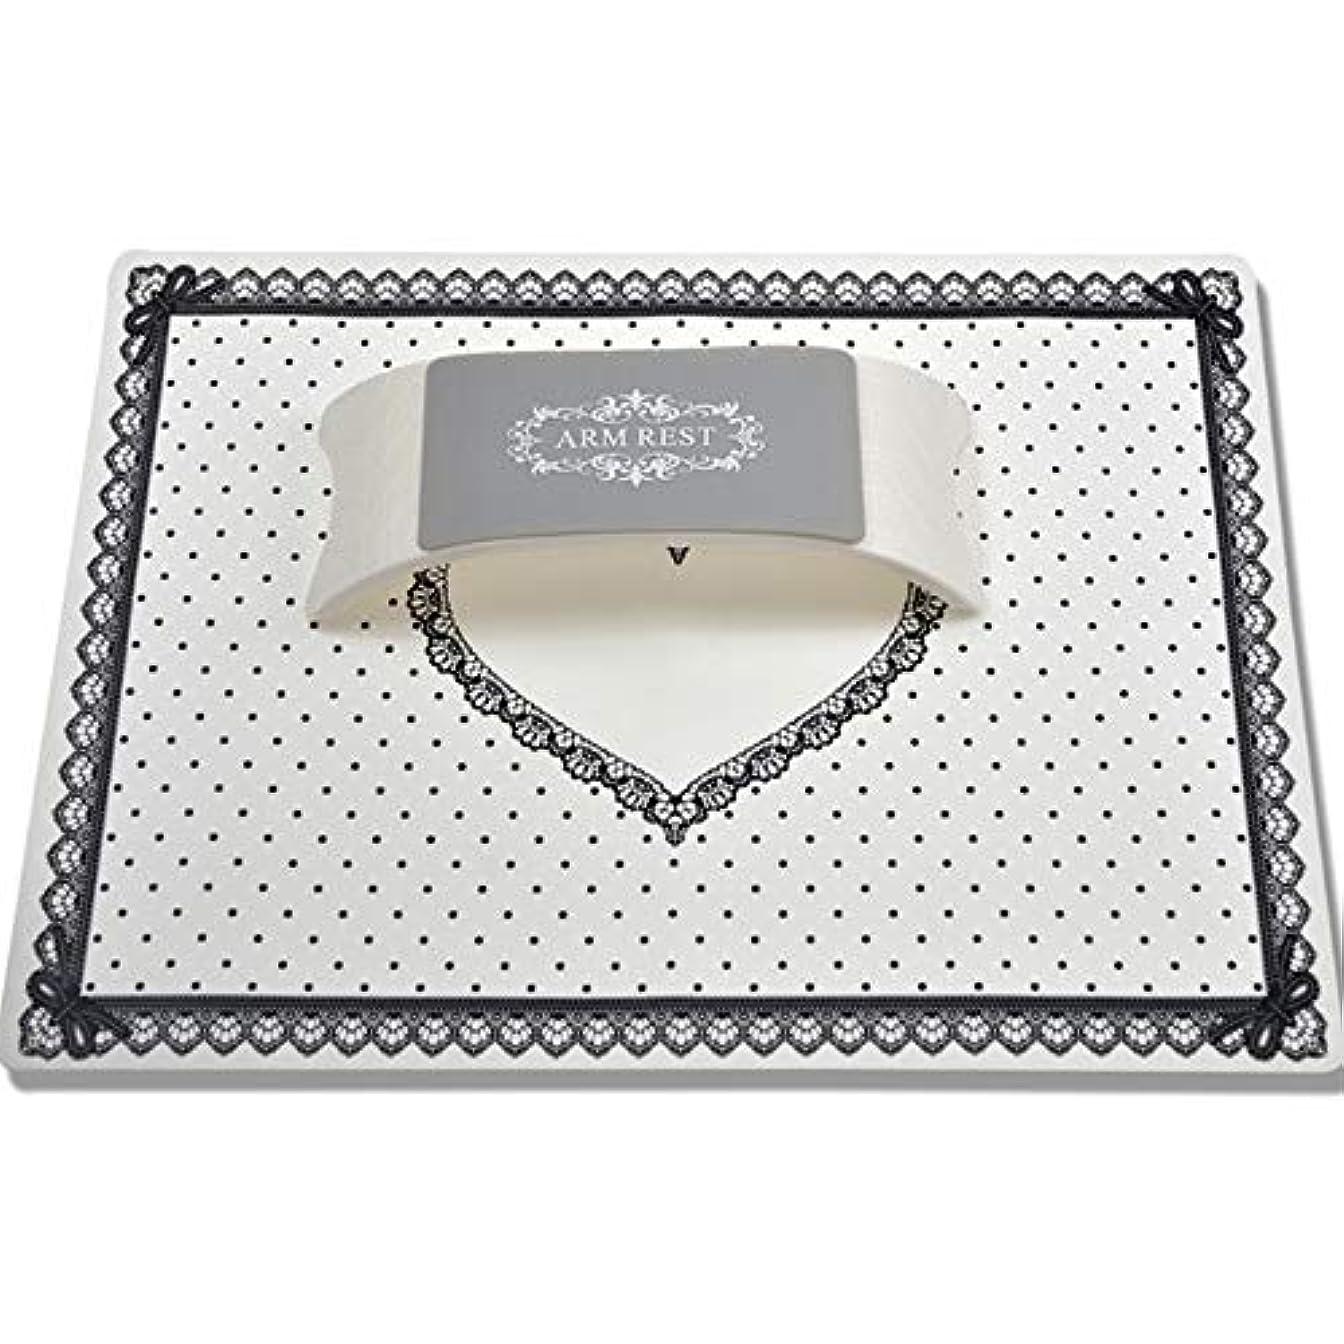 相談協会論理1セット快適なネイルアートピローハンドホルダークッションプラスチック&シリコンクッションネイルアームレスト+ネイルブラシ+マニキュアファイルSANC288パープル